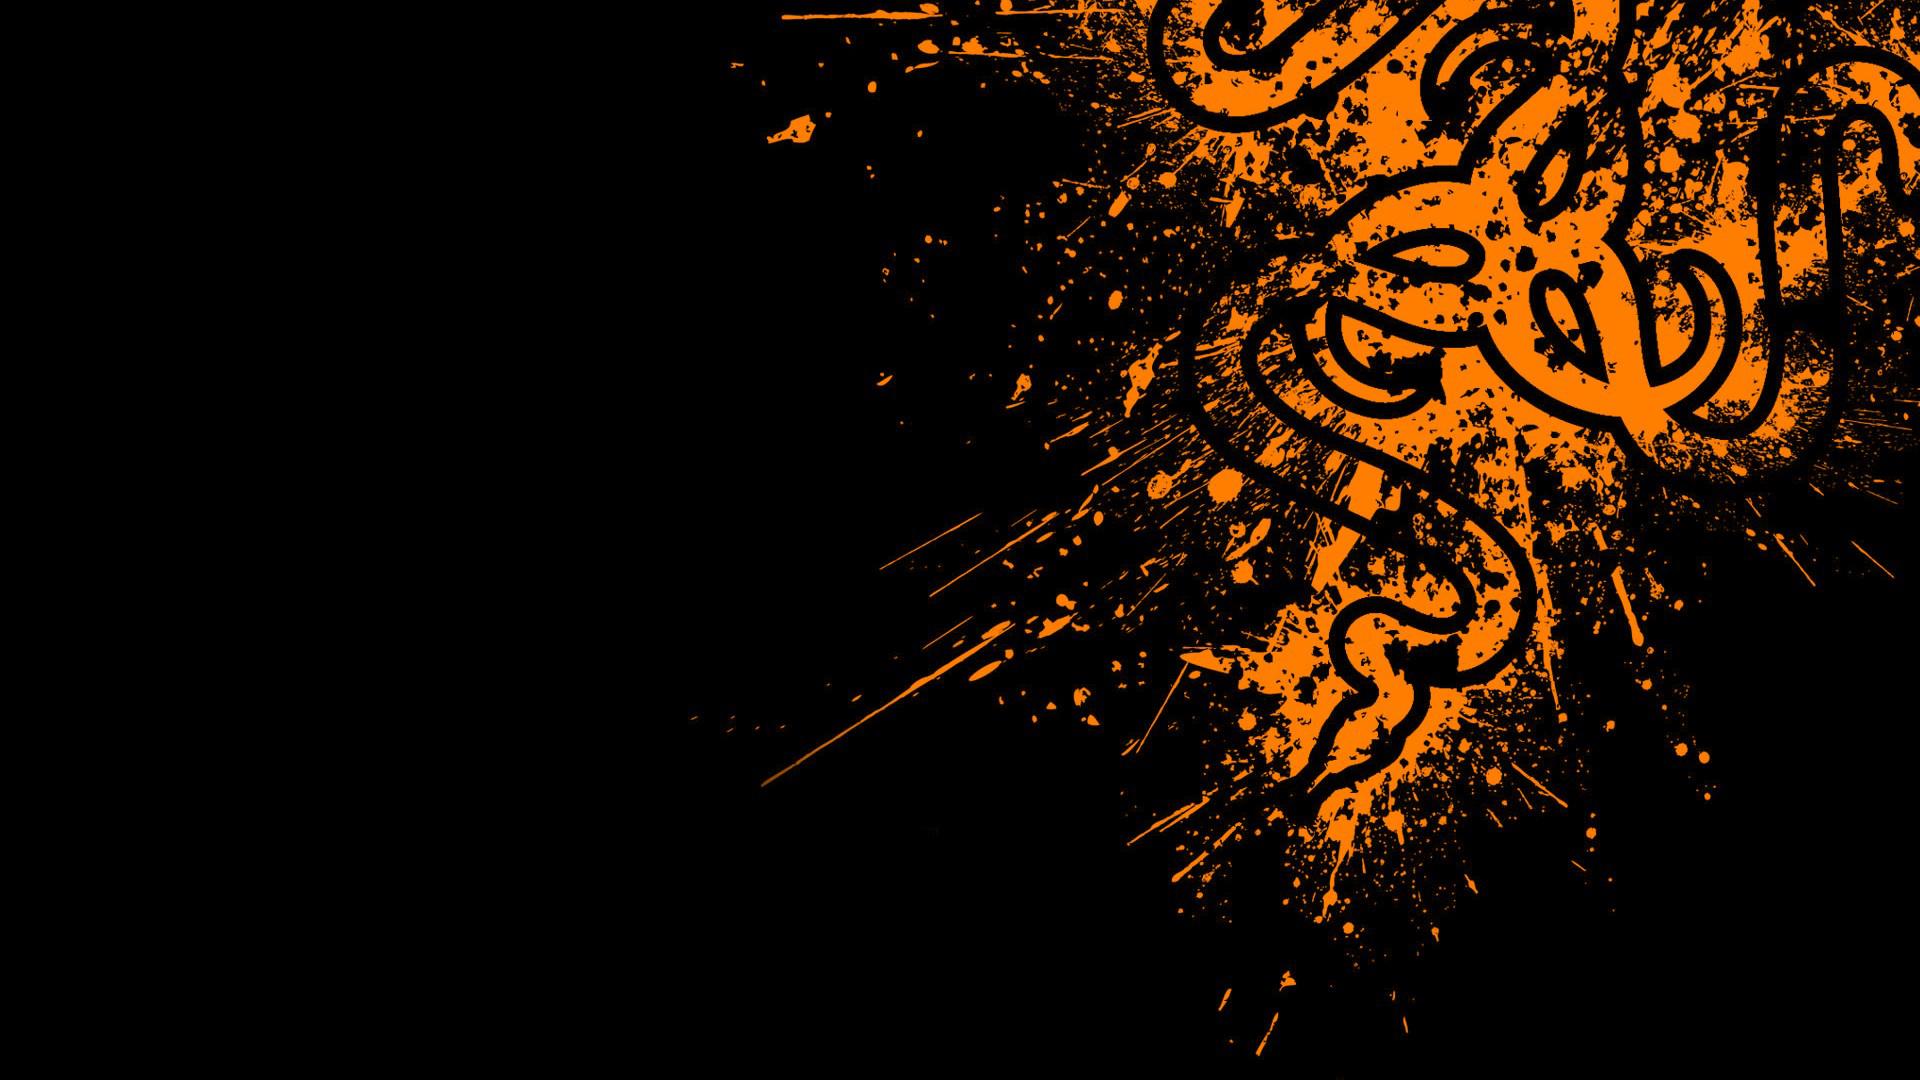 Razer logo orange 15 wallpaper hd razer orange logo black background hd voltagebd Image collections